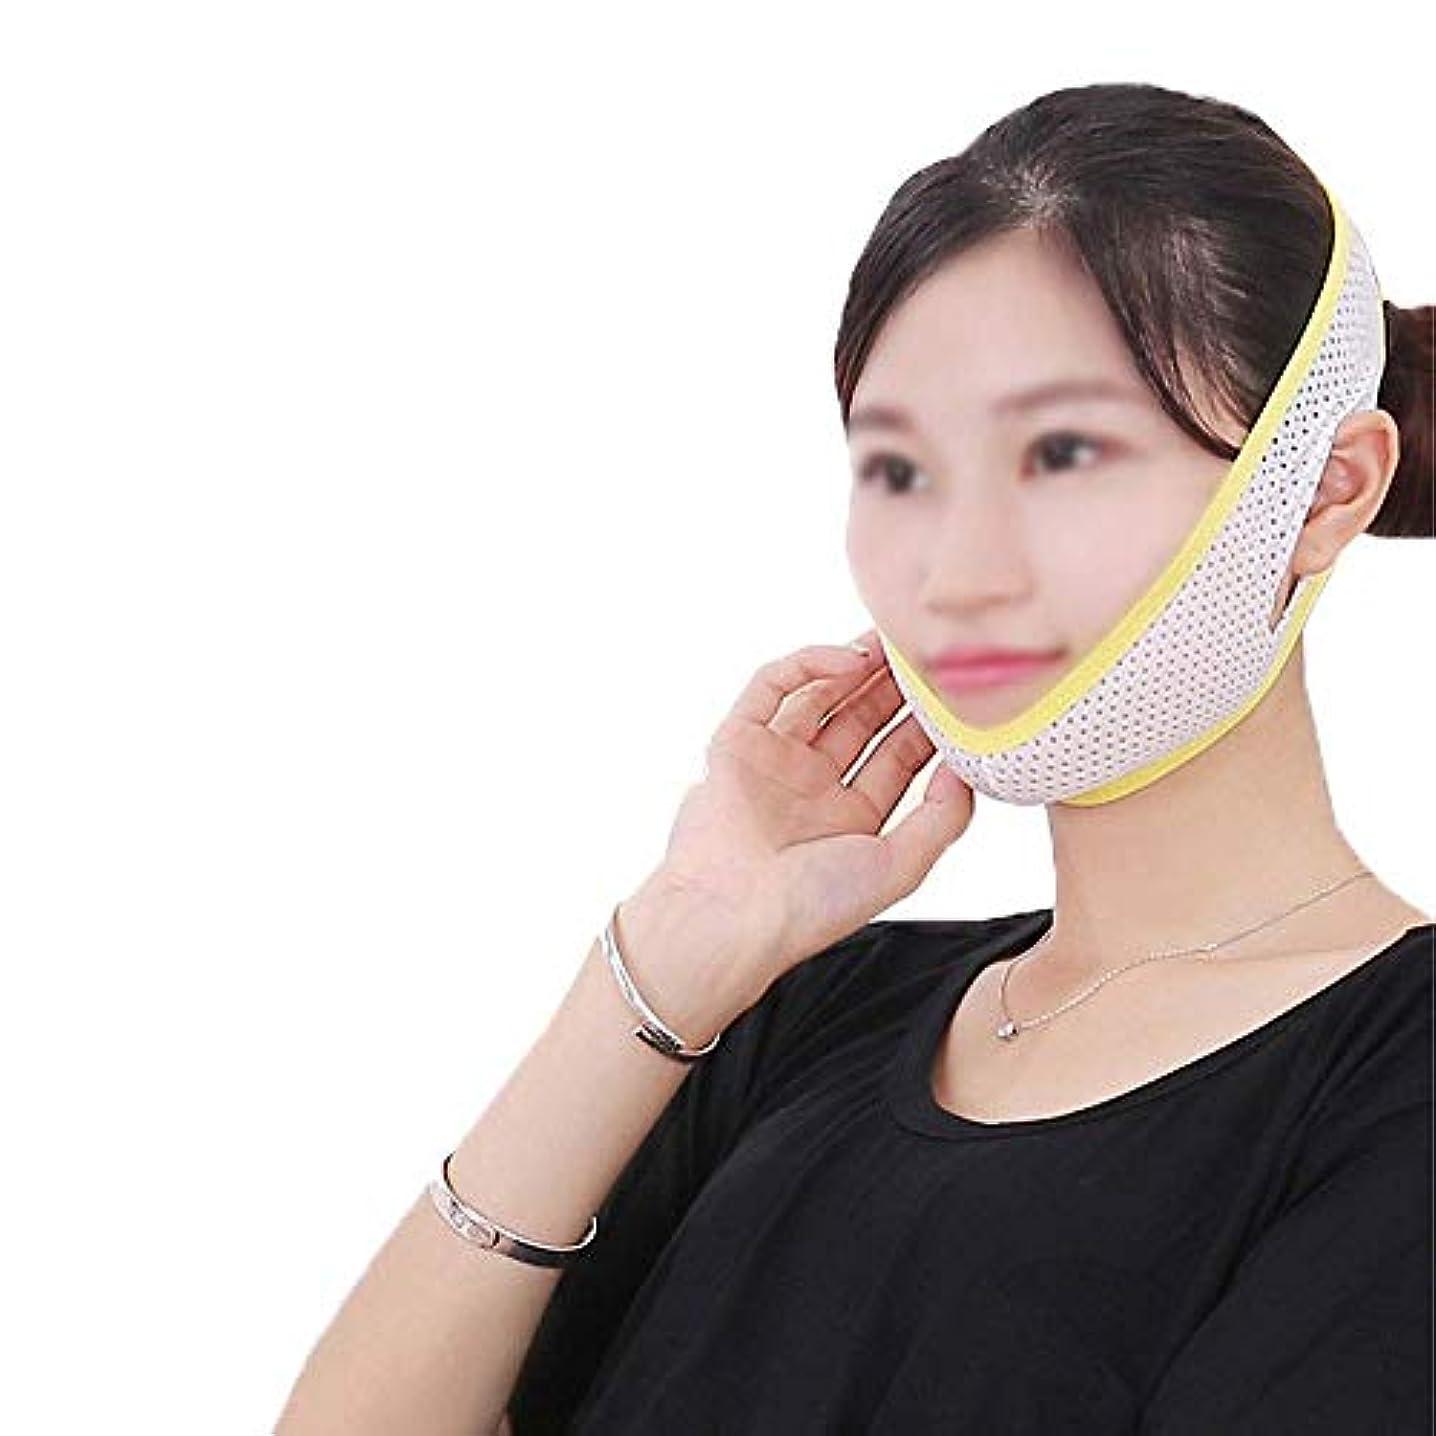 アジア人サポート聴くフェイス&ネックリフト、フェイスリフトマスク強力なフェイスリフティングツールファーミング&リフティングスキニーフェイスマスクアーティファクトフェイスリフティング包帯フェイスリフティングデバイス(サイズ:L),ザ?